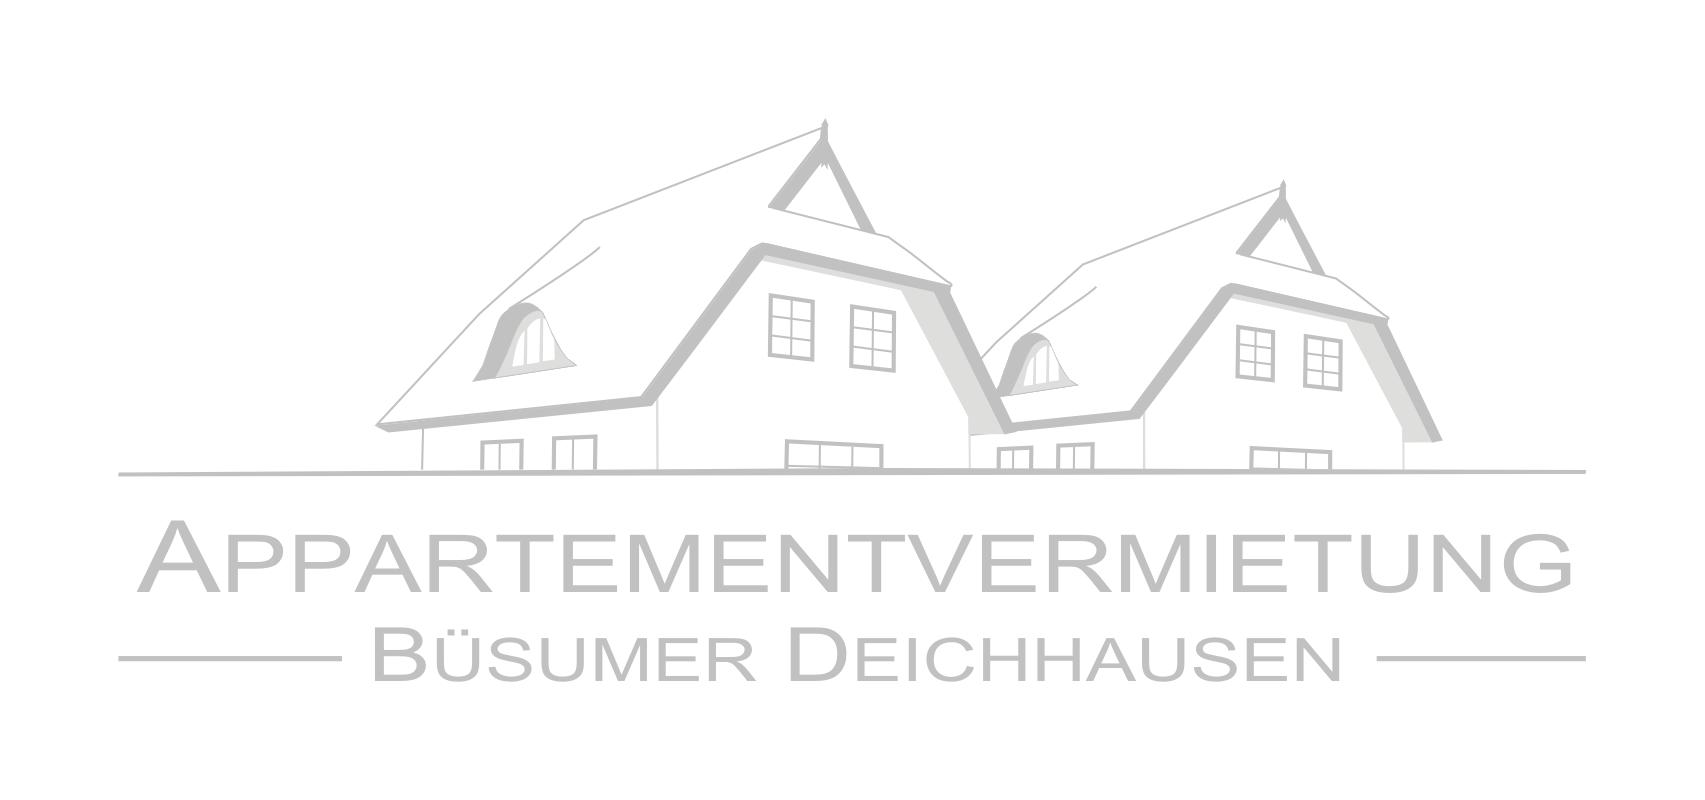 Appartementvermietung Buesumer Deichhausen